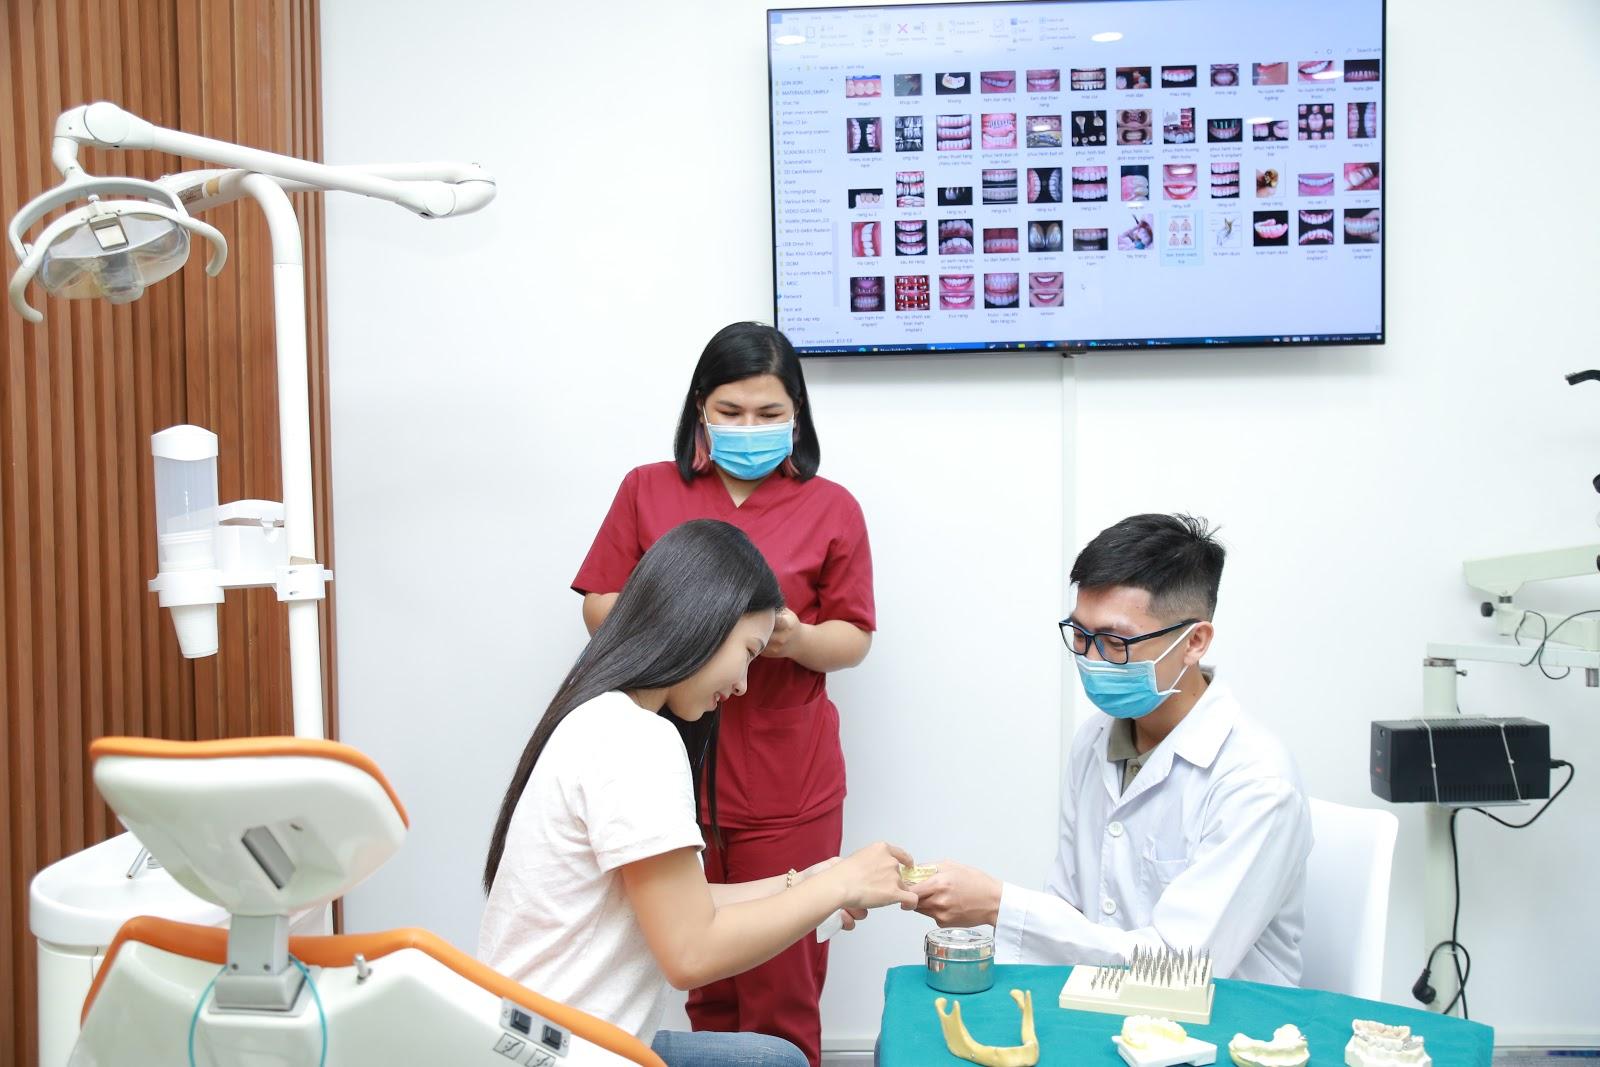 Khám phá địa chỉ chăm sóc răng tốt nhất tại quận Phú Nhuận